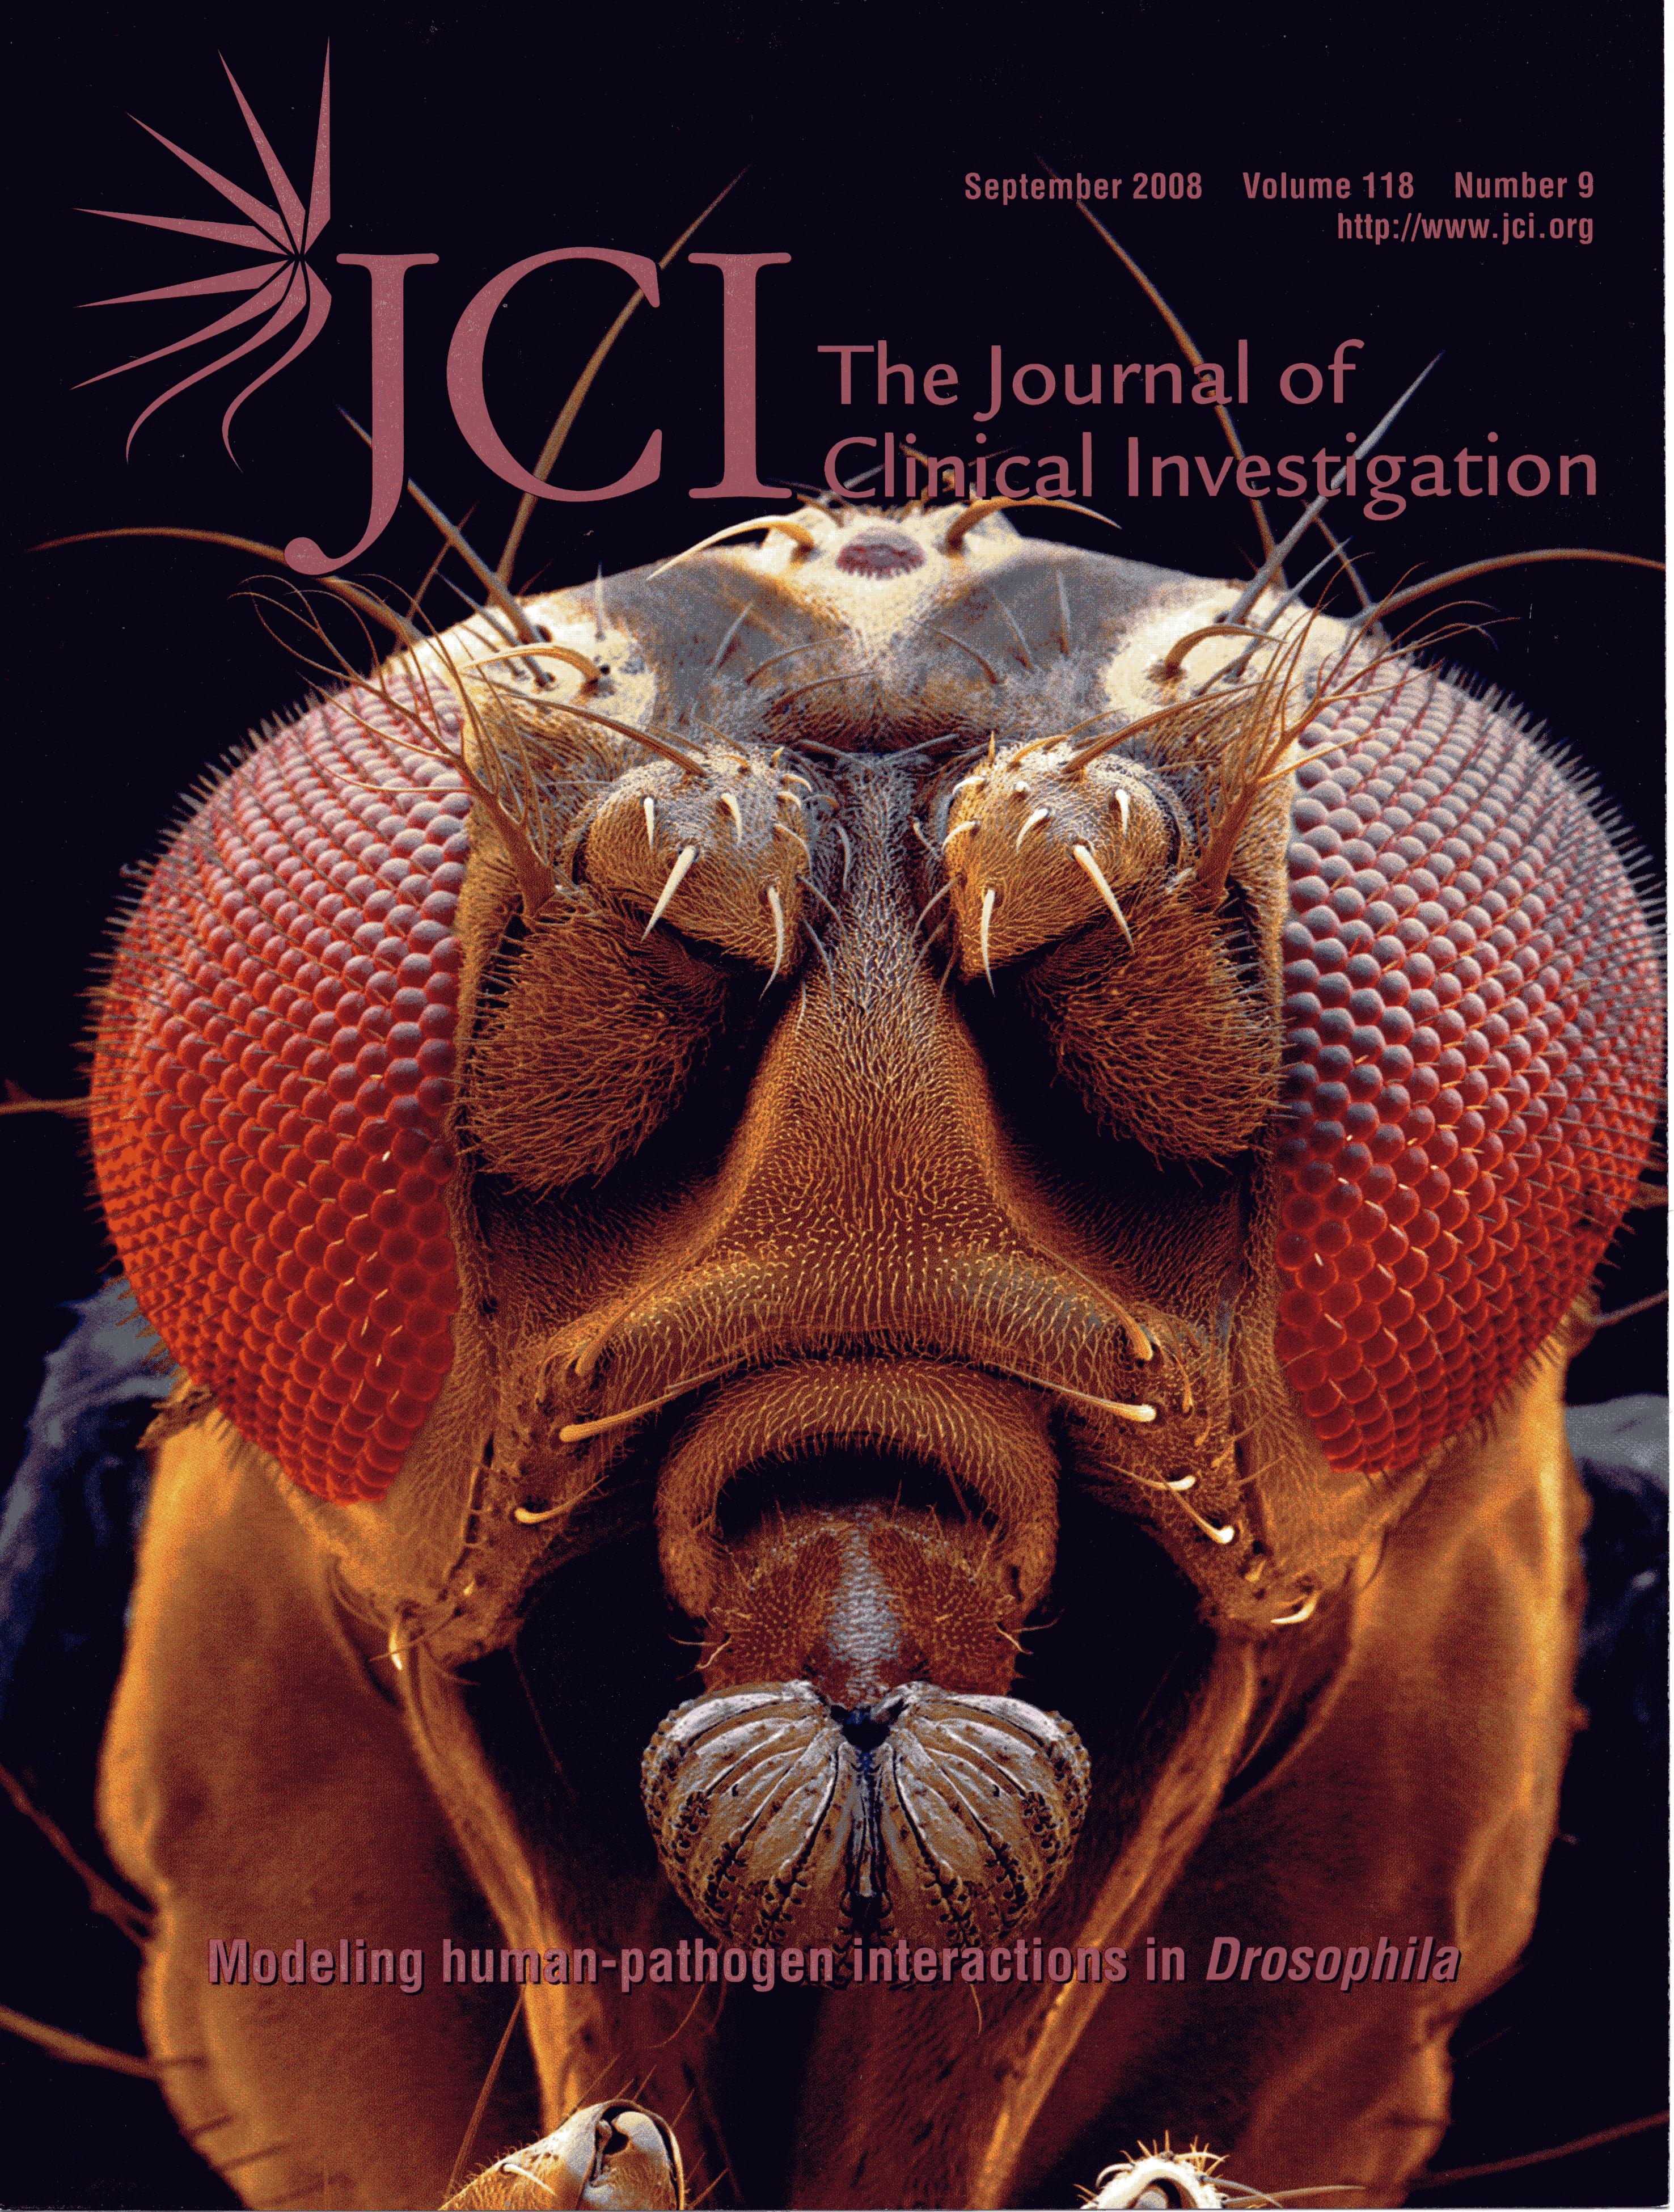 Modeling Human-Pathogen Interactions in Drosophila